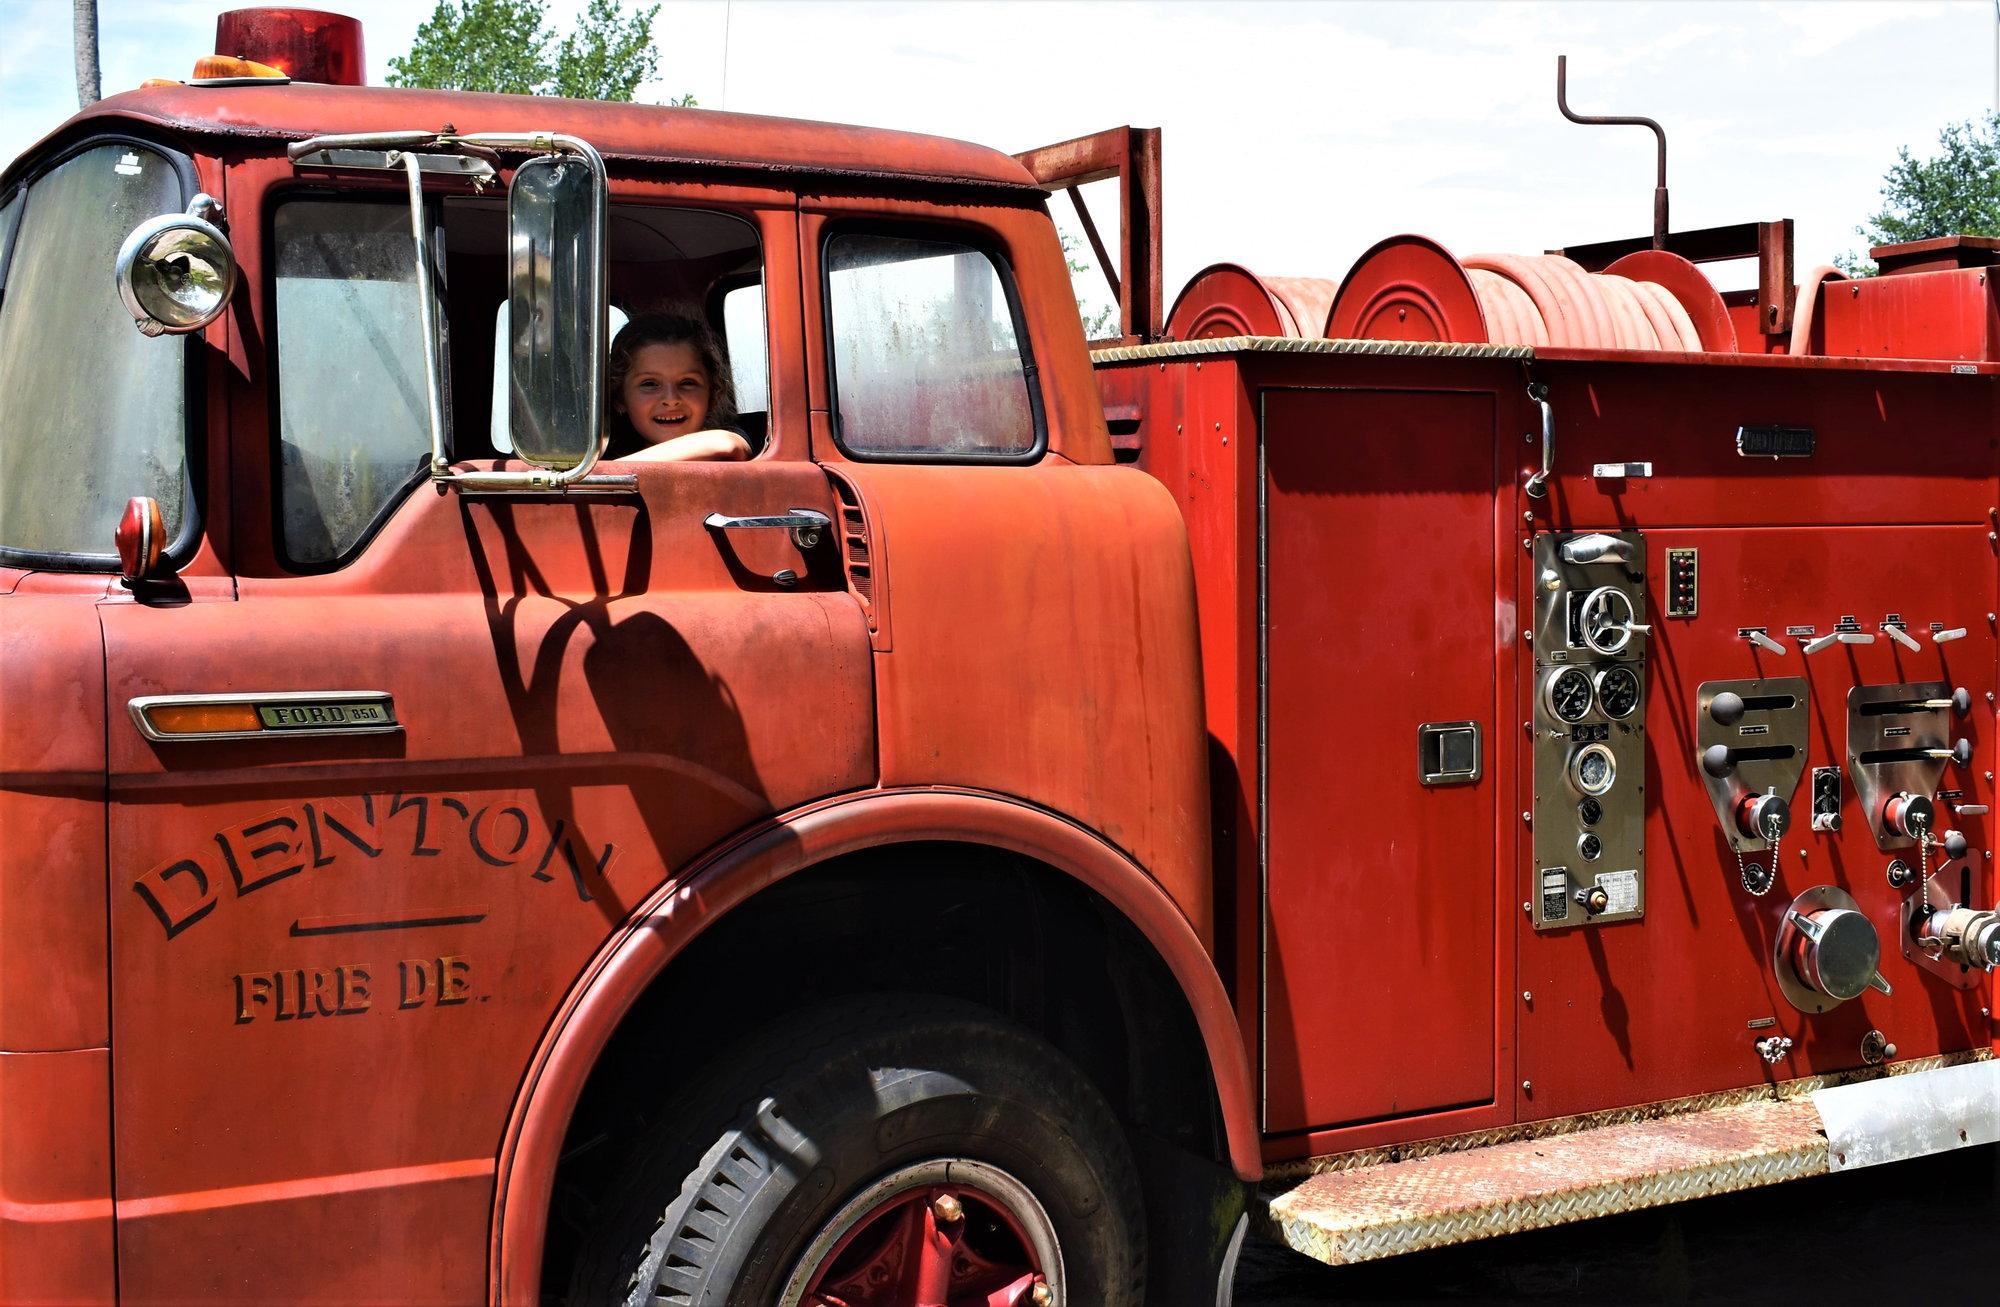 1970 C850 Ford/Ward Lafrance Pumper w 534 ci - Ford Truck